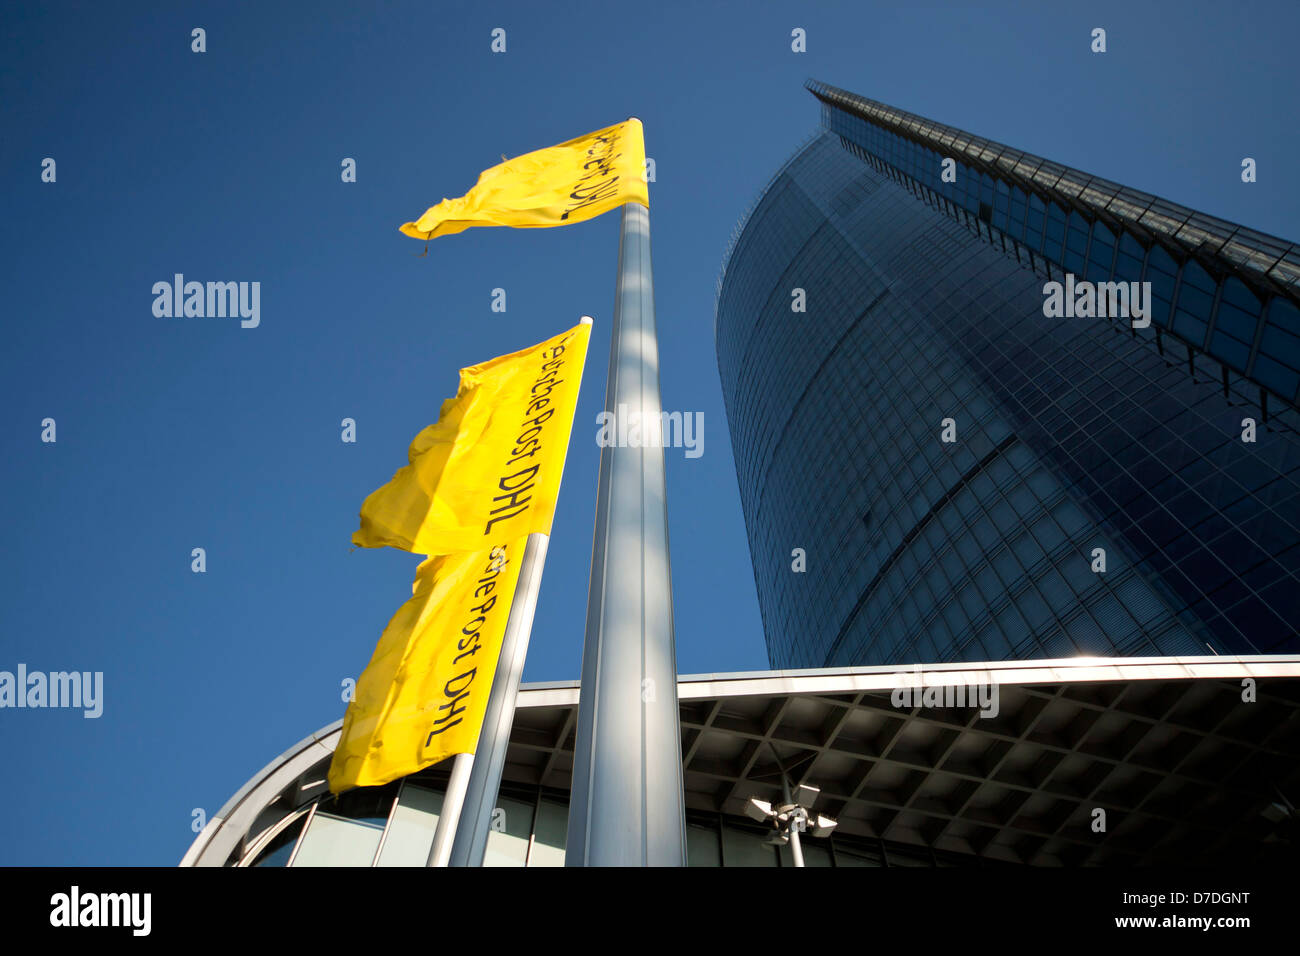 La tour de la poste, le siège de l'entreprise de logistique DHL Deutsche Post à Bonn, Rhénanie du Nord-Westphalie, Allemagne, Banque D'Images